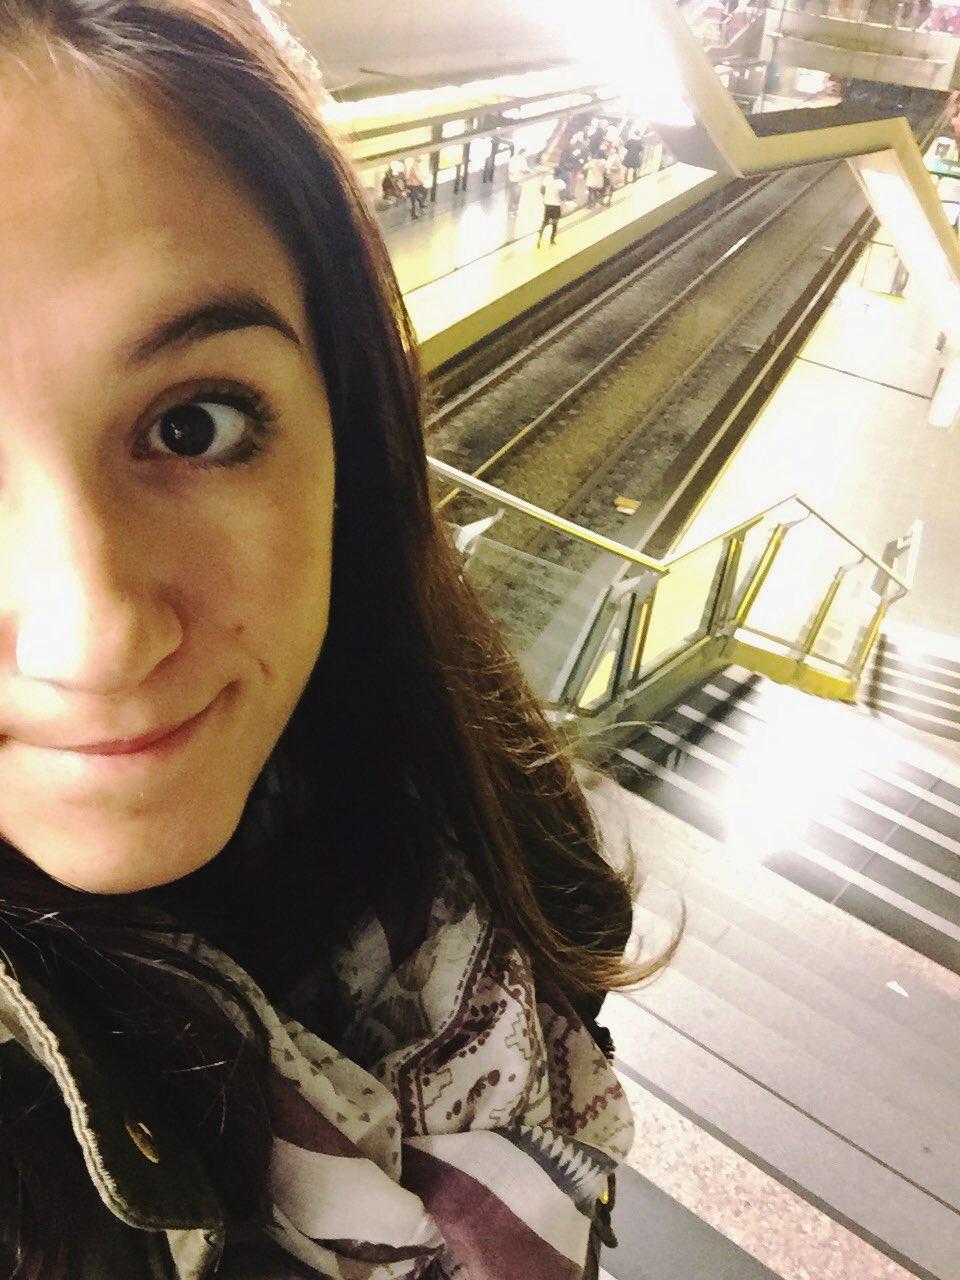 Aca esta mi #AgradeSelfie irónica porque no funcionan las escaleras mecánicas del subte casi nunca @horaciorlarreta https://t.co/Jsj2aUM3Nv